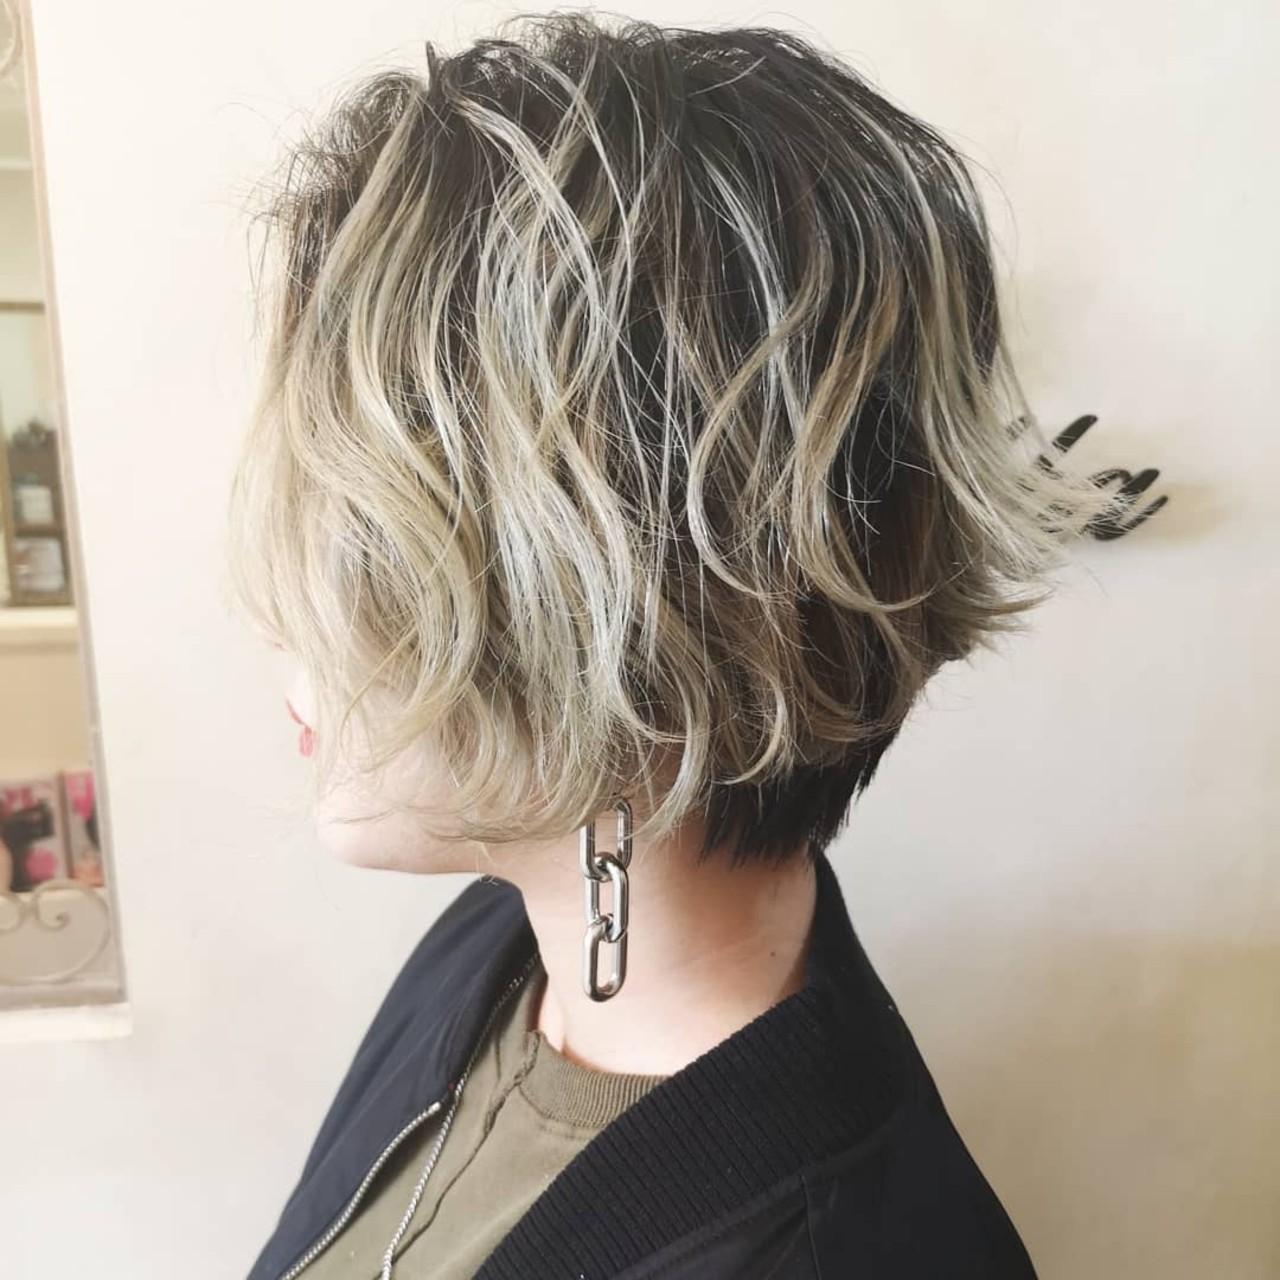 ダブルカラー ショート ショートヘア ストリート ヘアスタイルや髪型の写真・画像 | Yusuke Matsumoto / HAIR'S Lunetta 心斎橋